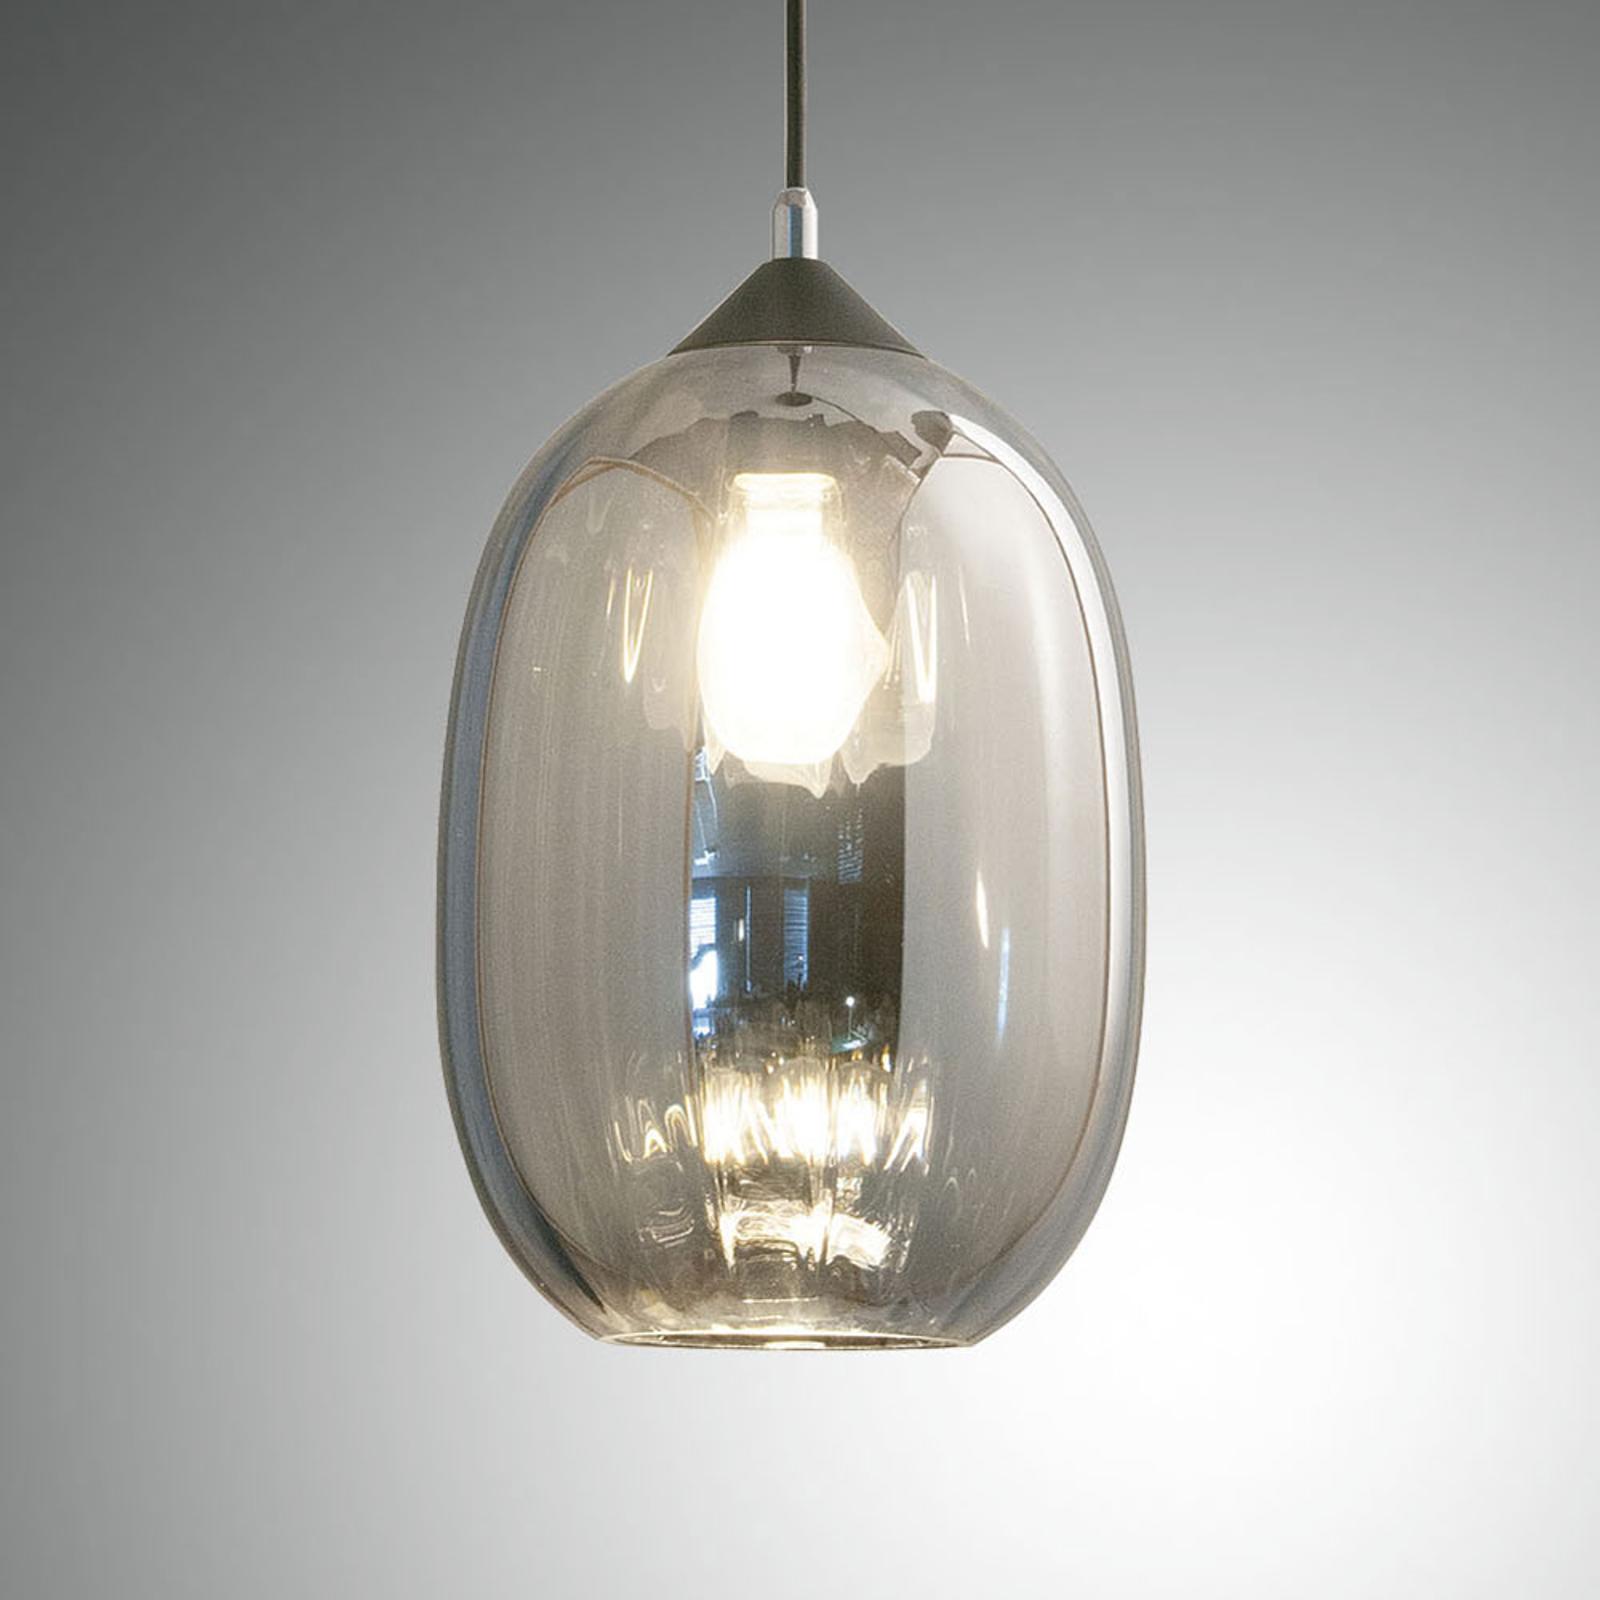 Suspension Infinity en verre, à 1 lampe, Ø 20cm